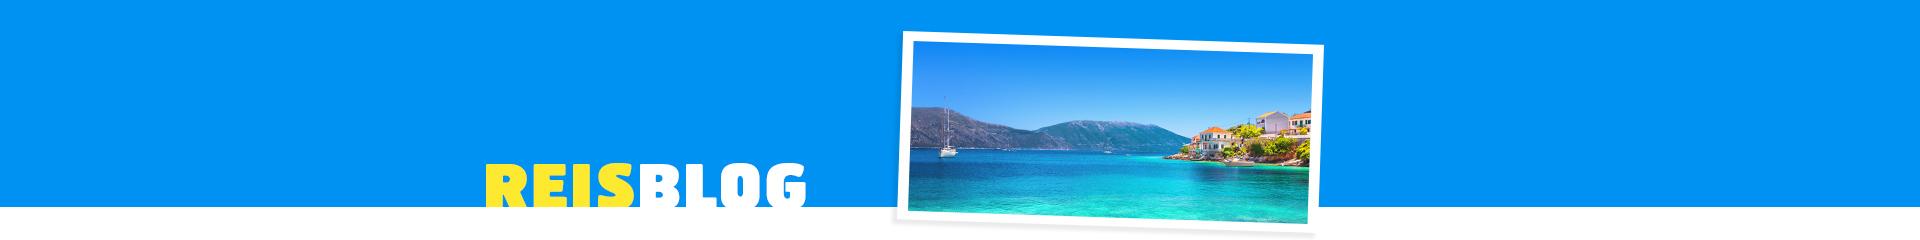 Grieks eiland, met azuurblauwe zee en een zeilboot. In de verte Griekse huisjes die uitkijken over de zee.